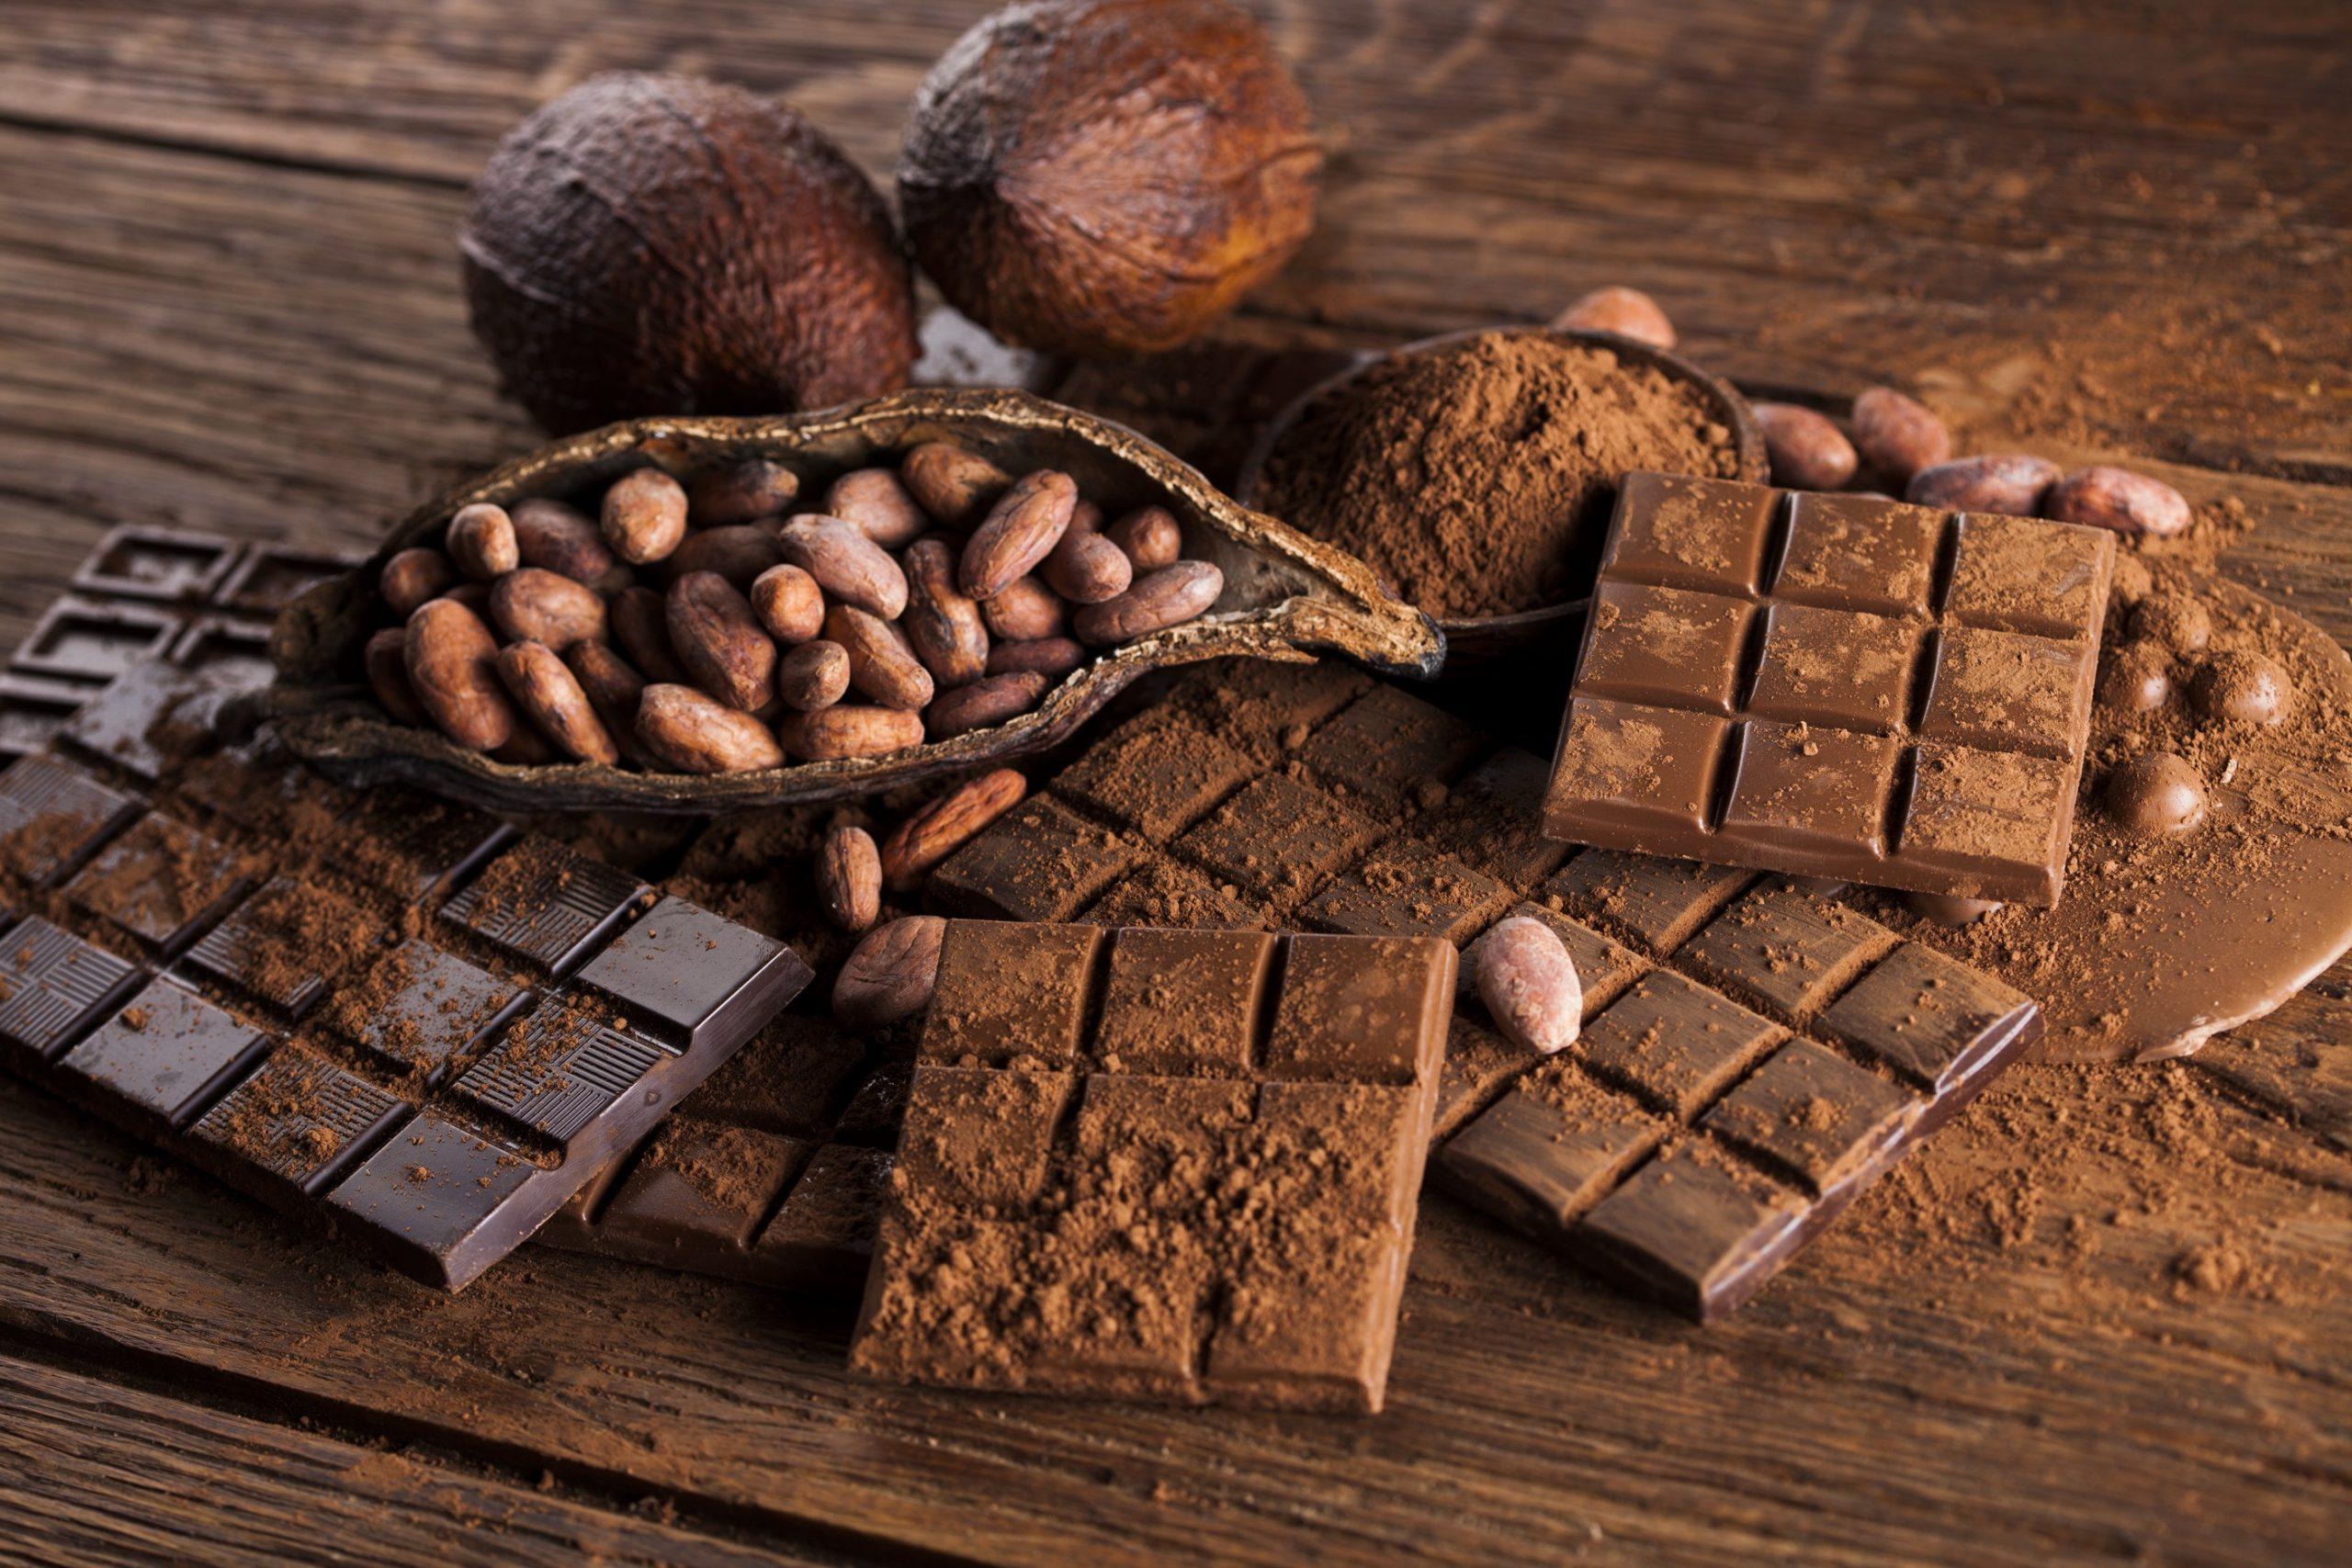 O chocalete artesanal é uma das opções para quem quer preparar seu próprio doce.